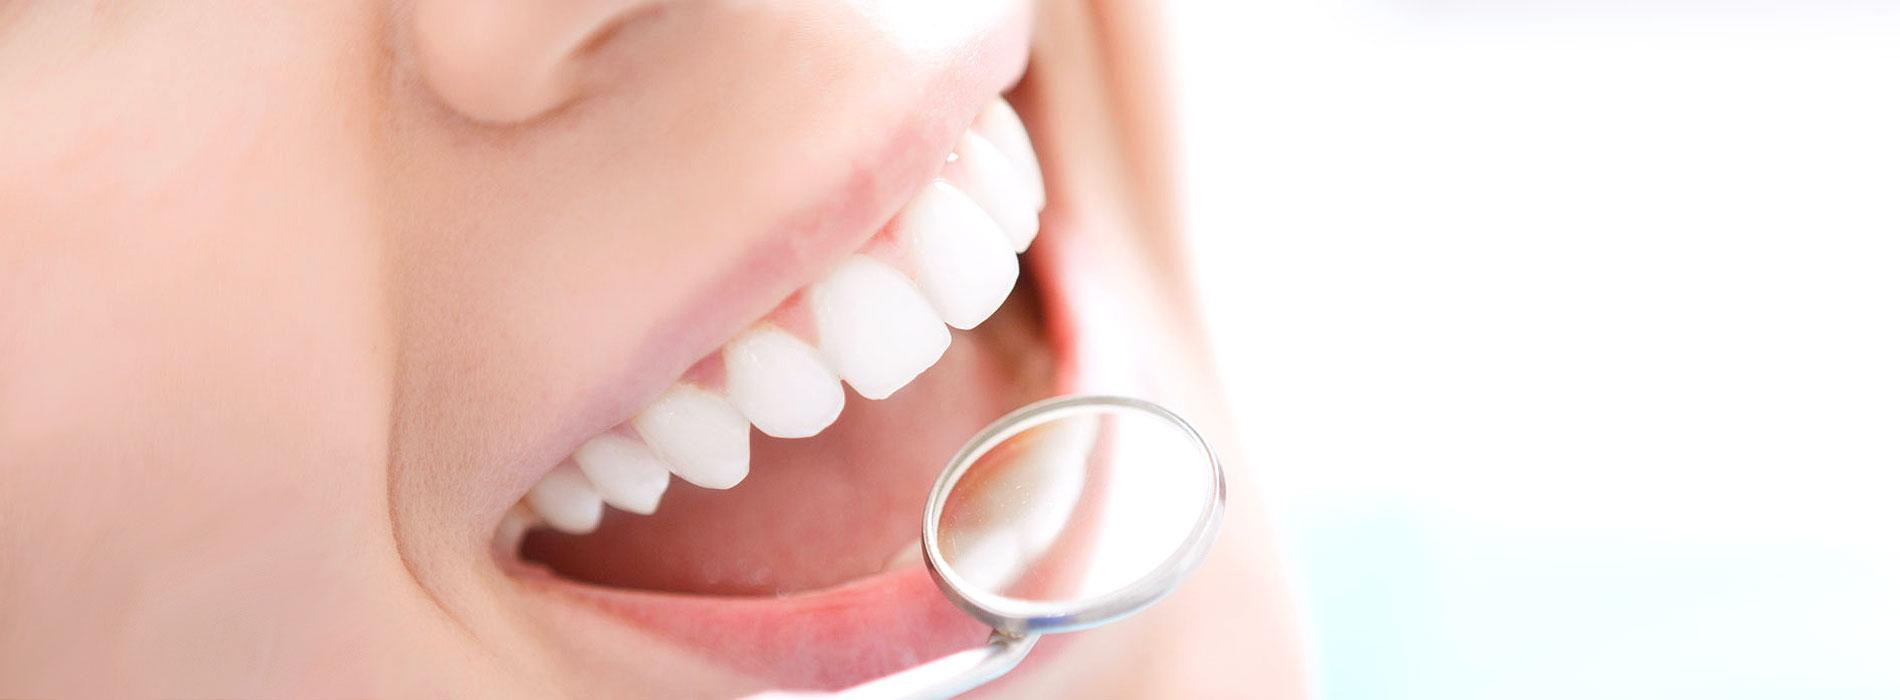 Ästhetischer Zahnersatz Hannover